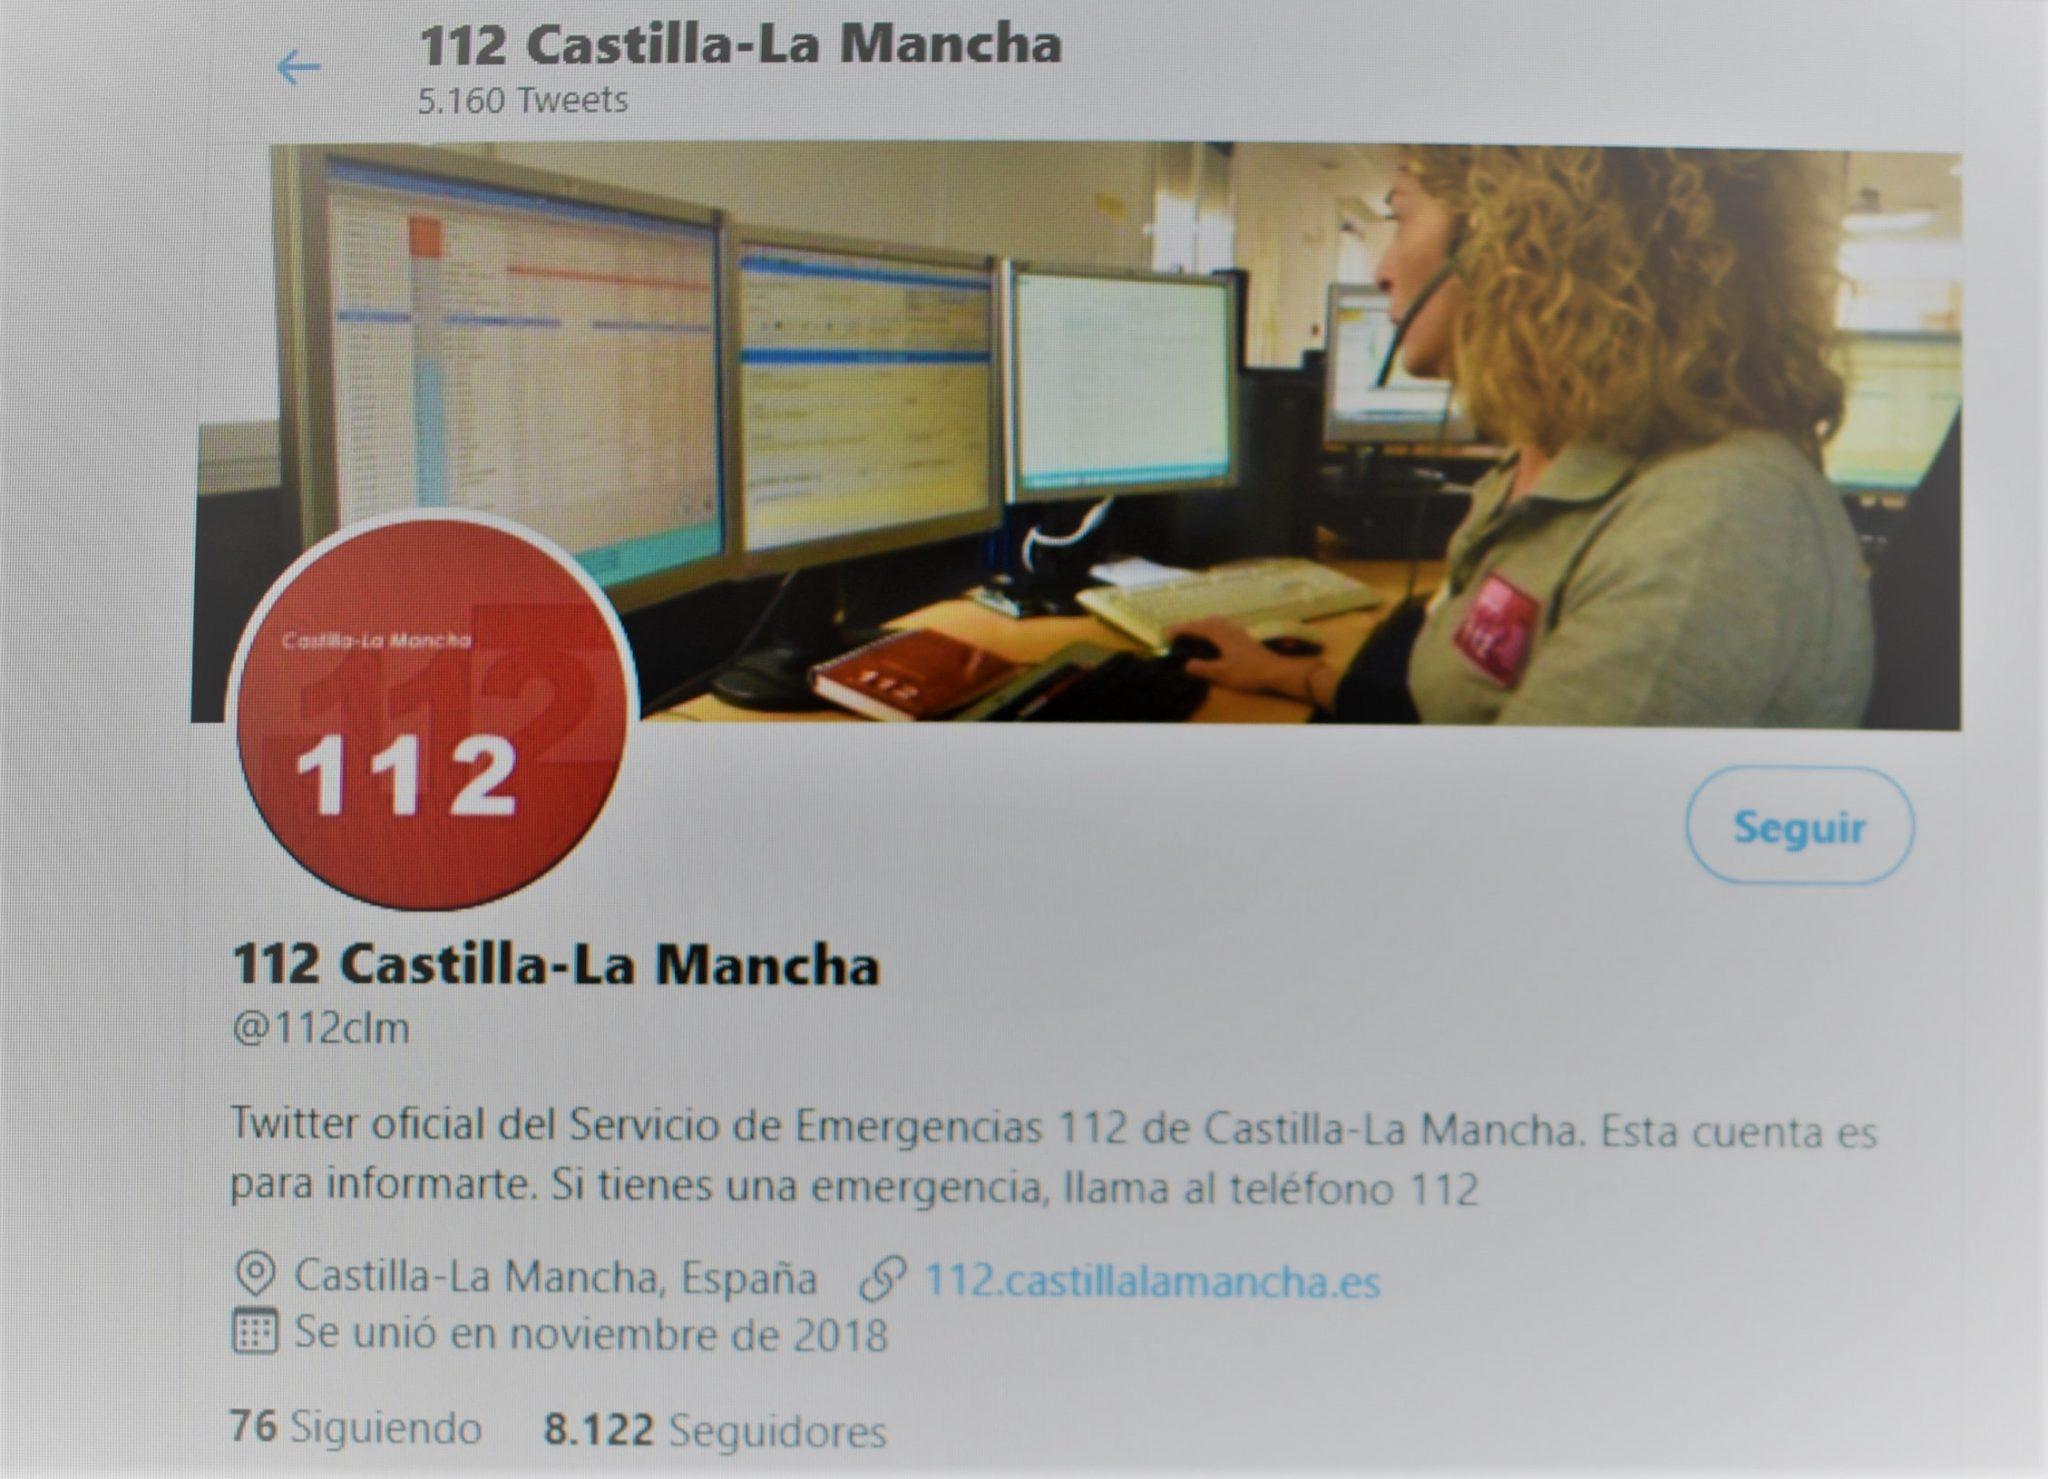 La cuenta oficial de Twitter del 1-1-2 de C-LM, creada para reforzar la comunicación con la ciudadanía, supera los 8.000 seguidores